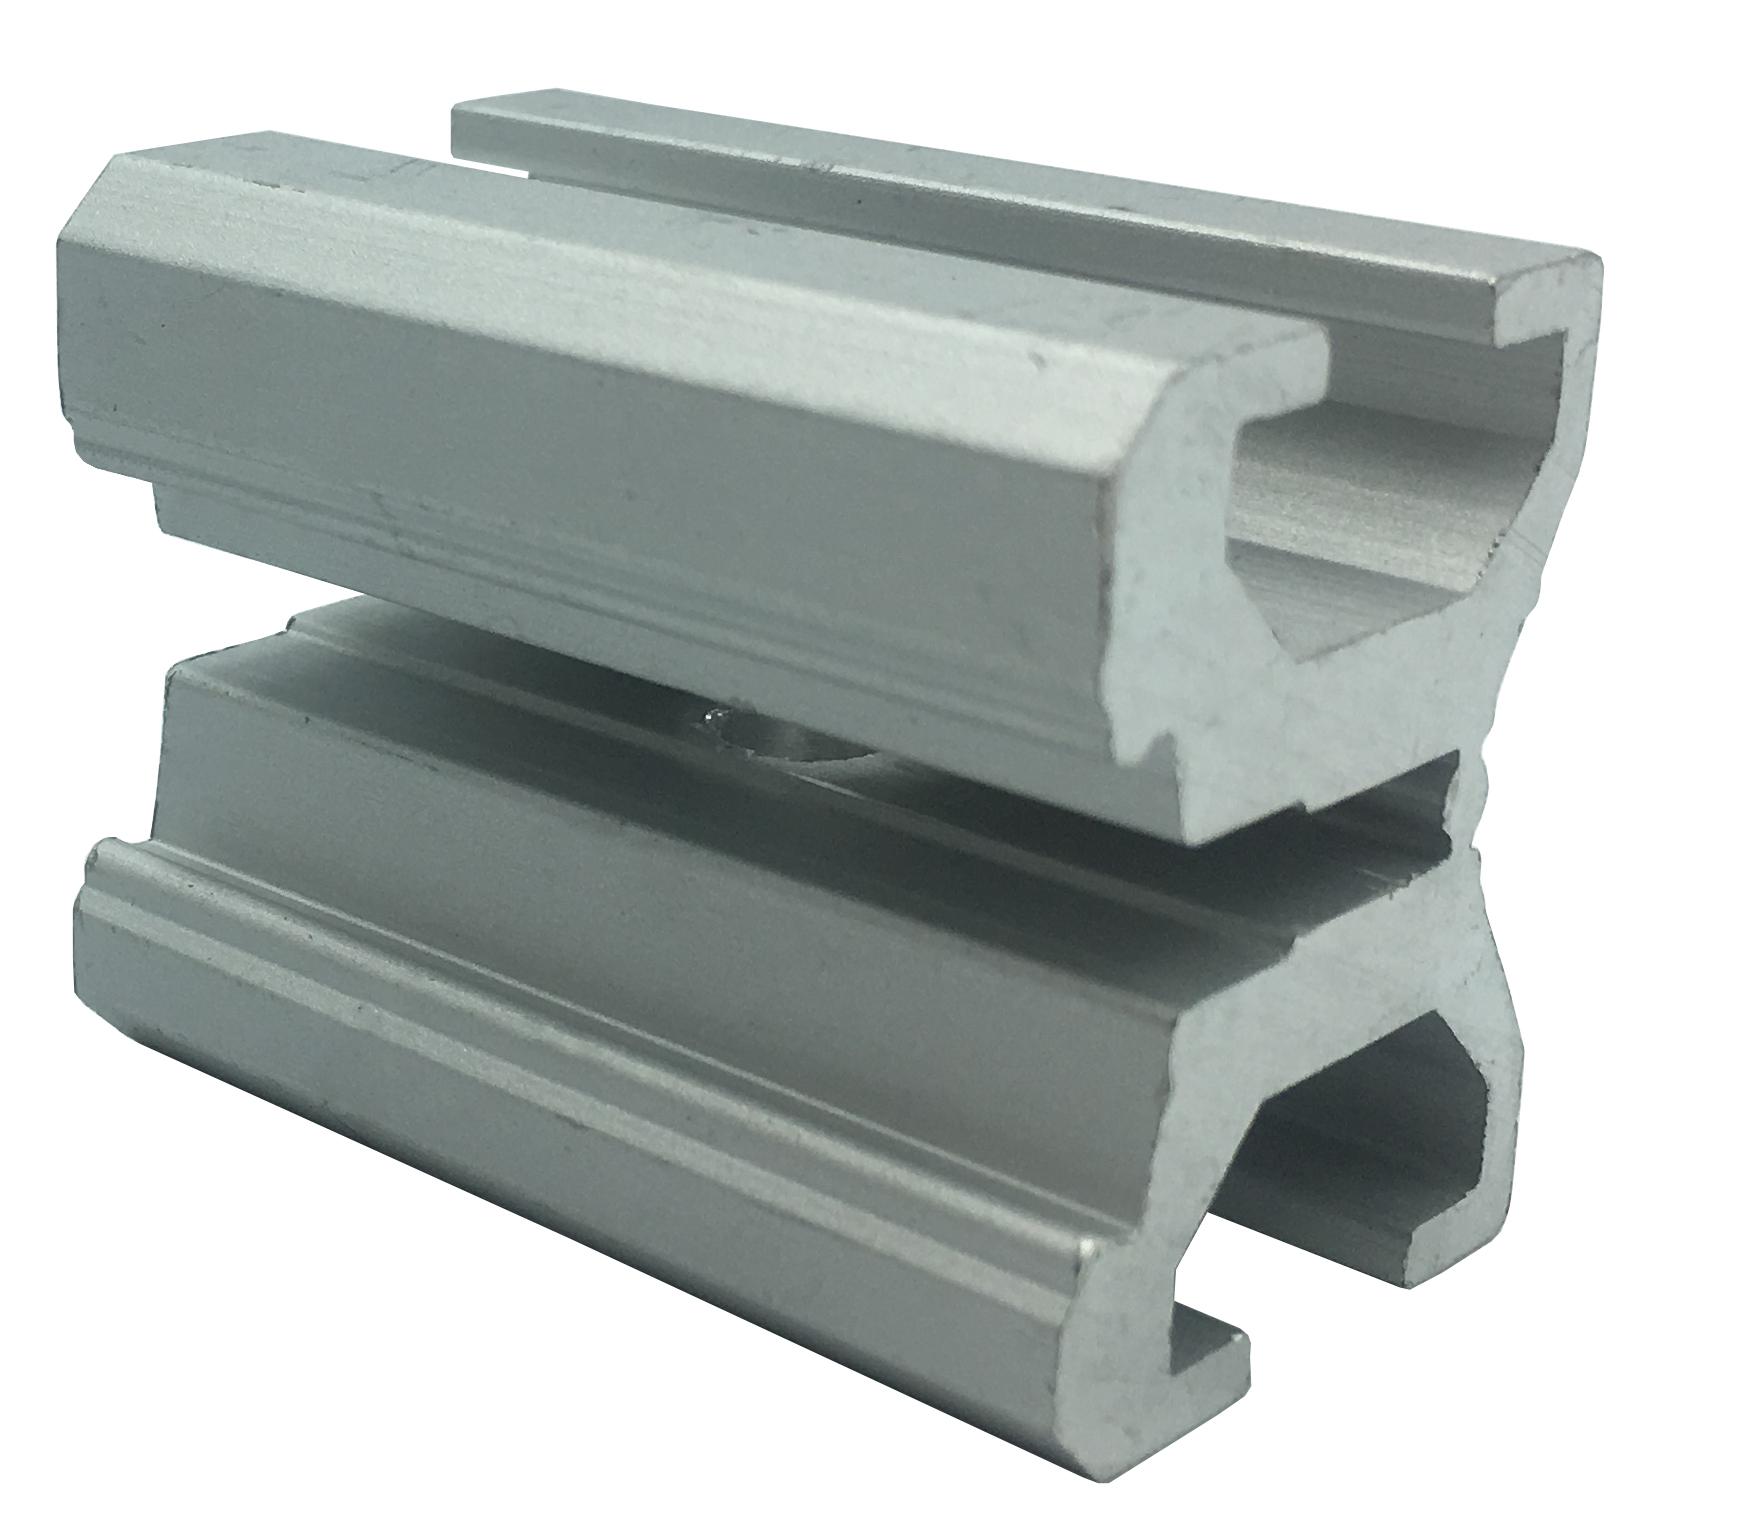 Aluminum Profile for Lean Logistics